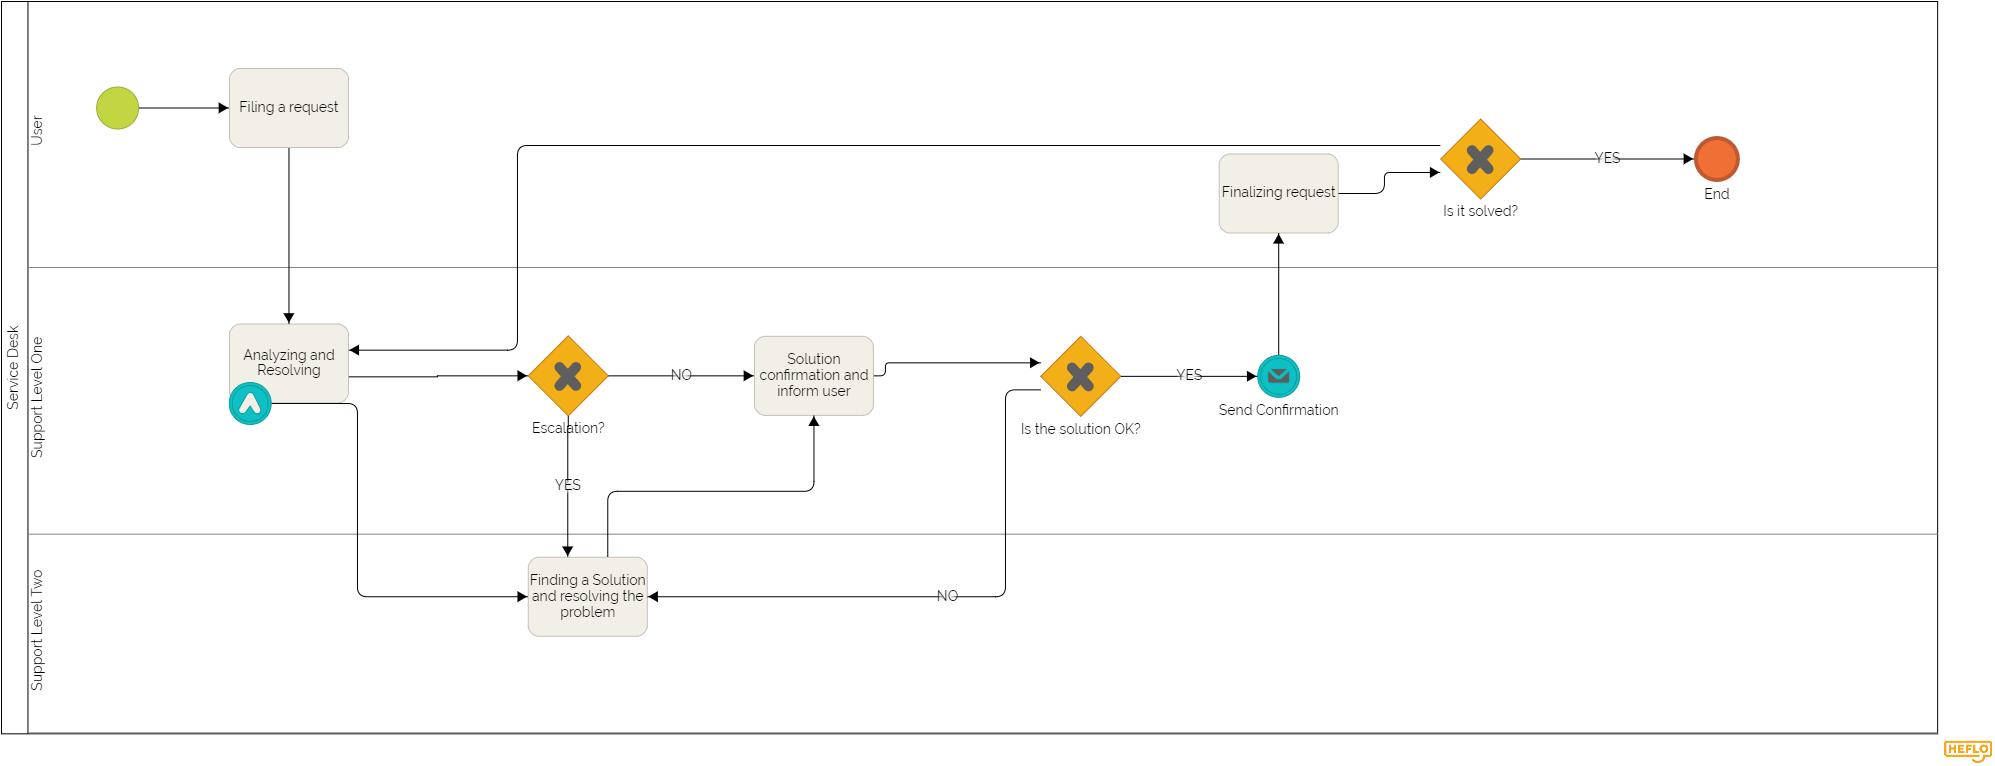 itil service desk process flow procesos y workflow ITIL Security Diagram itil service desk process flow free, escritorios